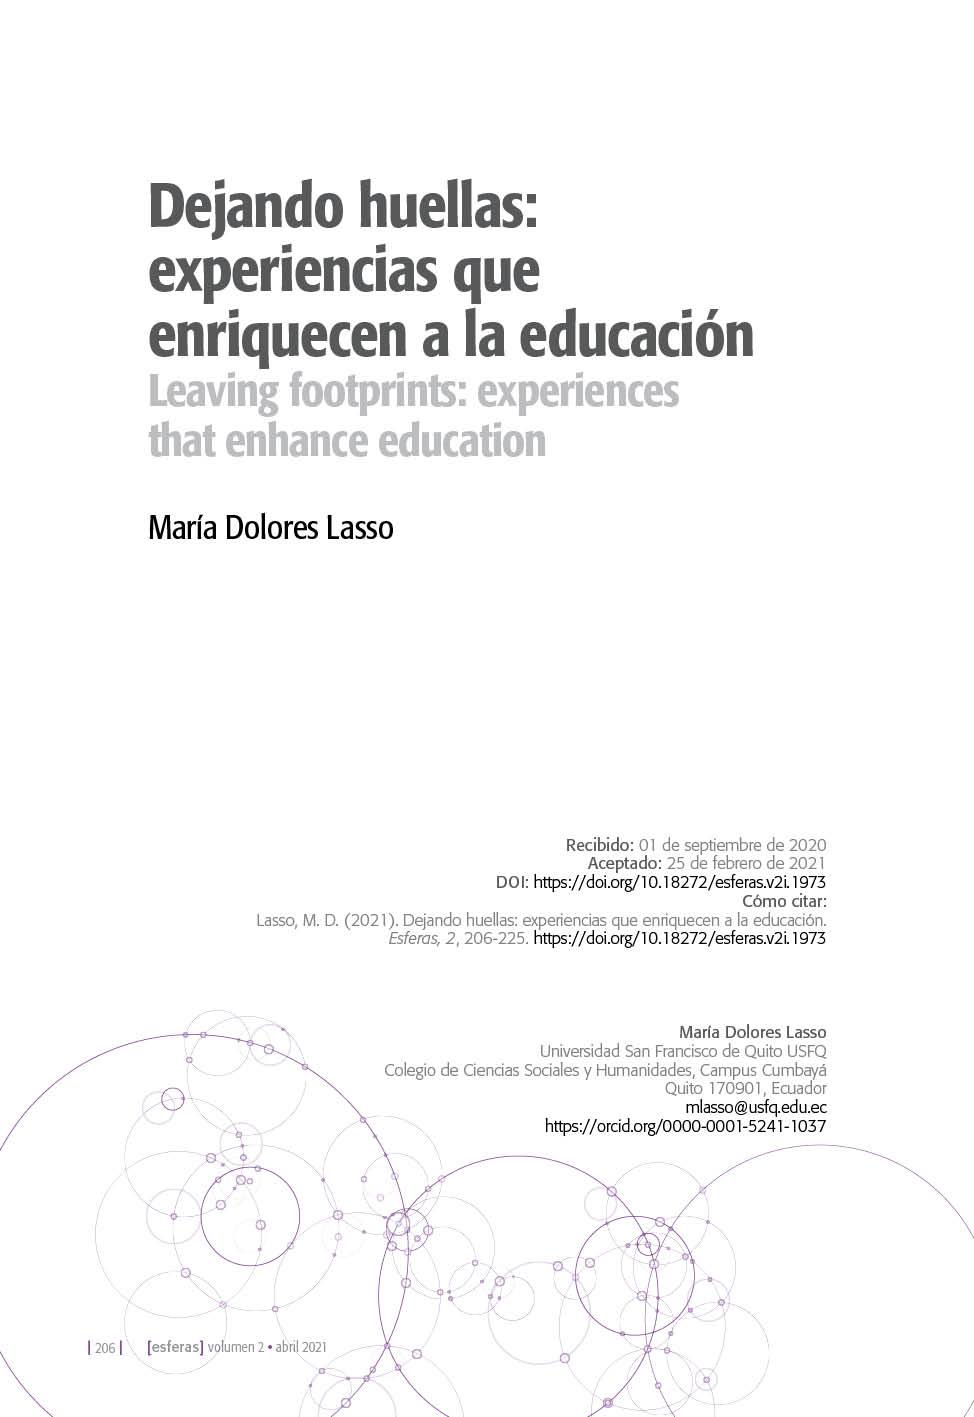 Dejando huellas: experiencias que enriquecen a la educación